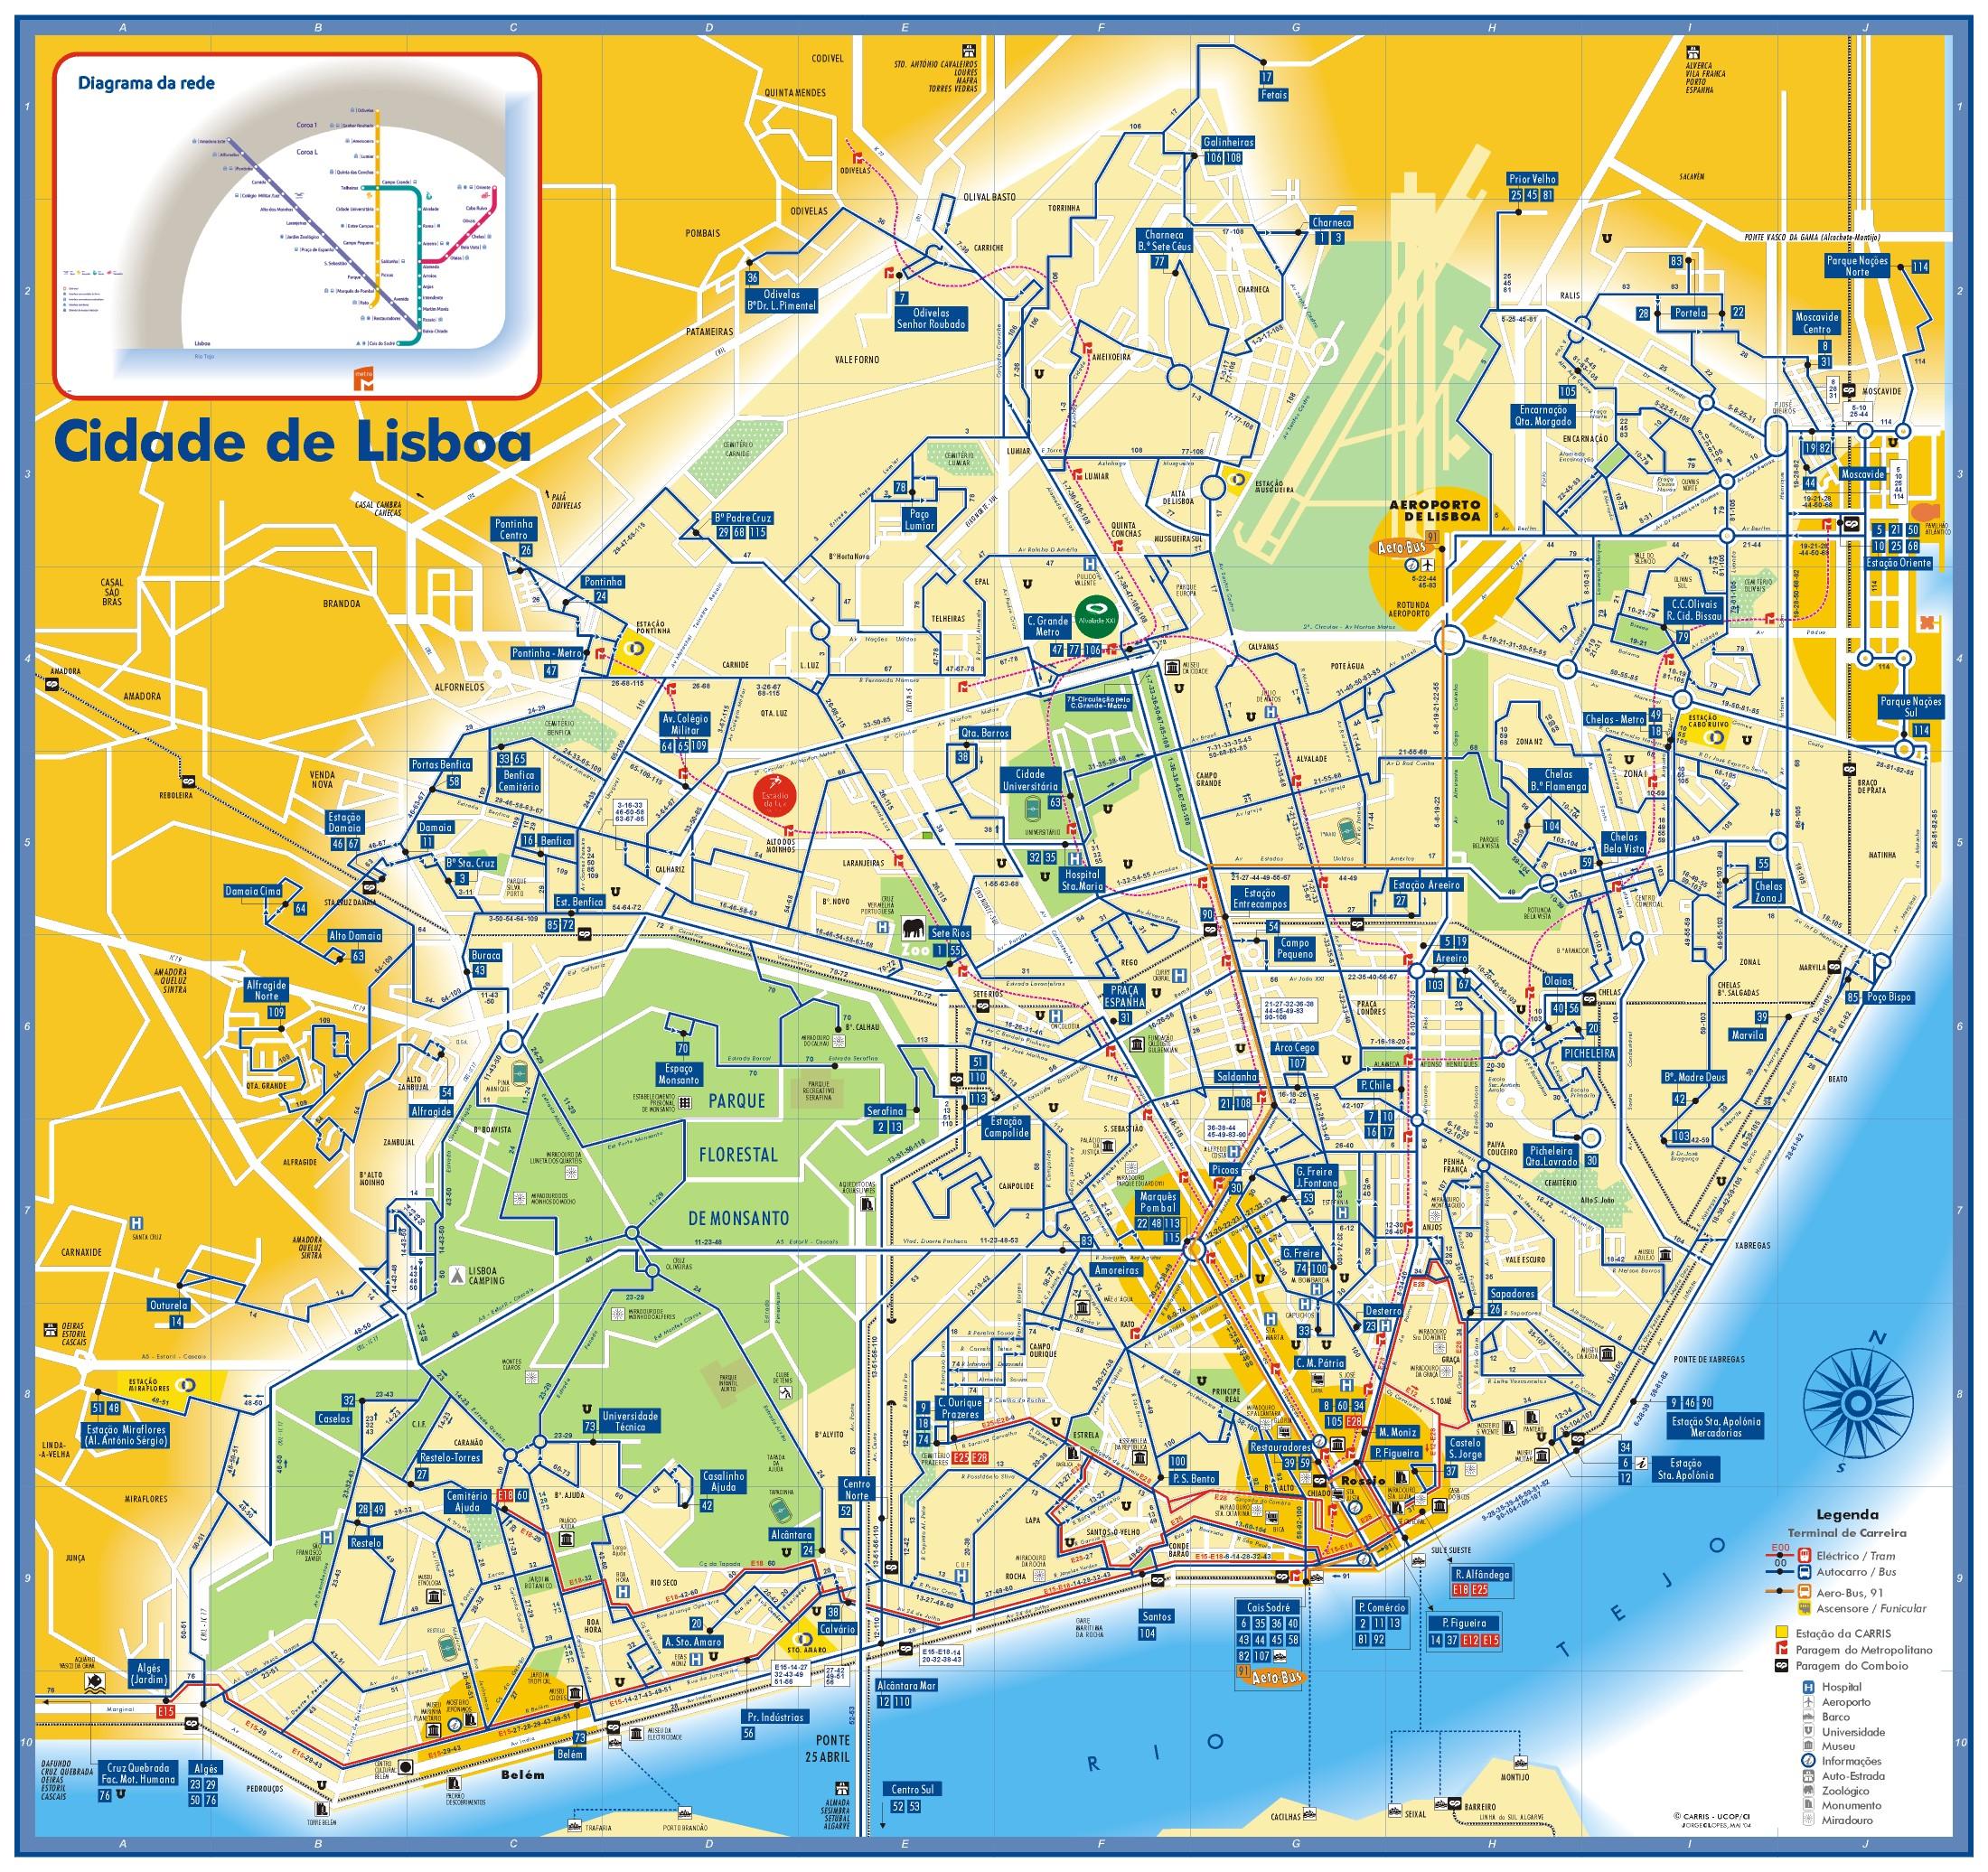 lisboa mapa pontos turisticos Mapa turístico de Lisboa para imprimir   Viajar Lisboa lisboa mapa pontos turisticos